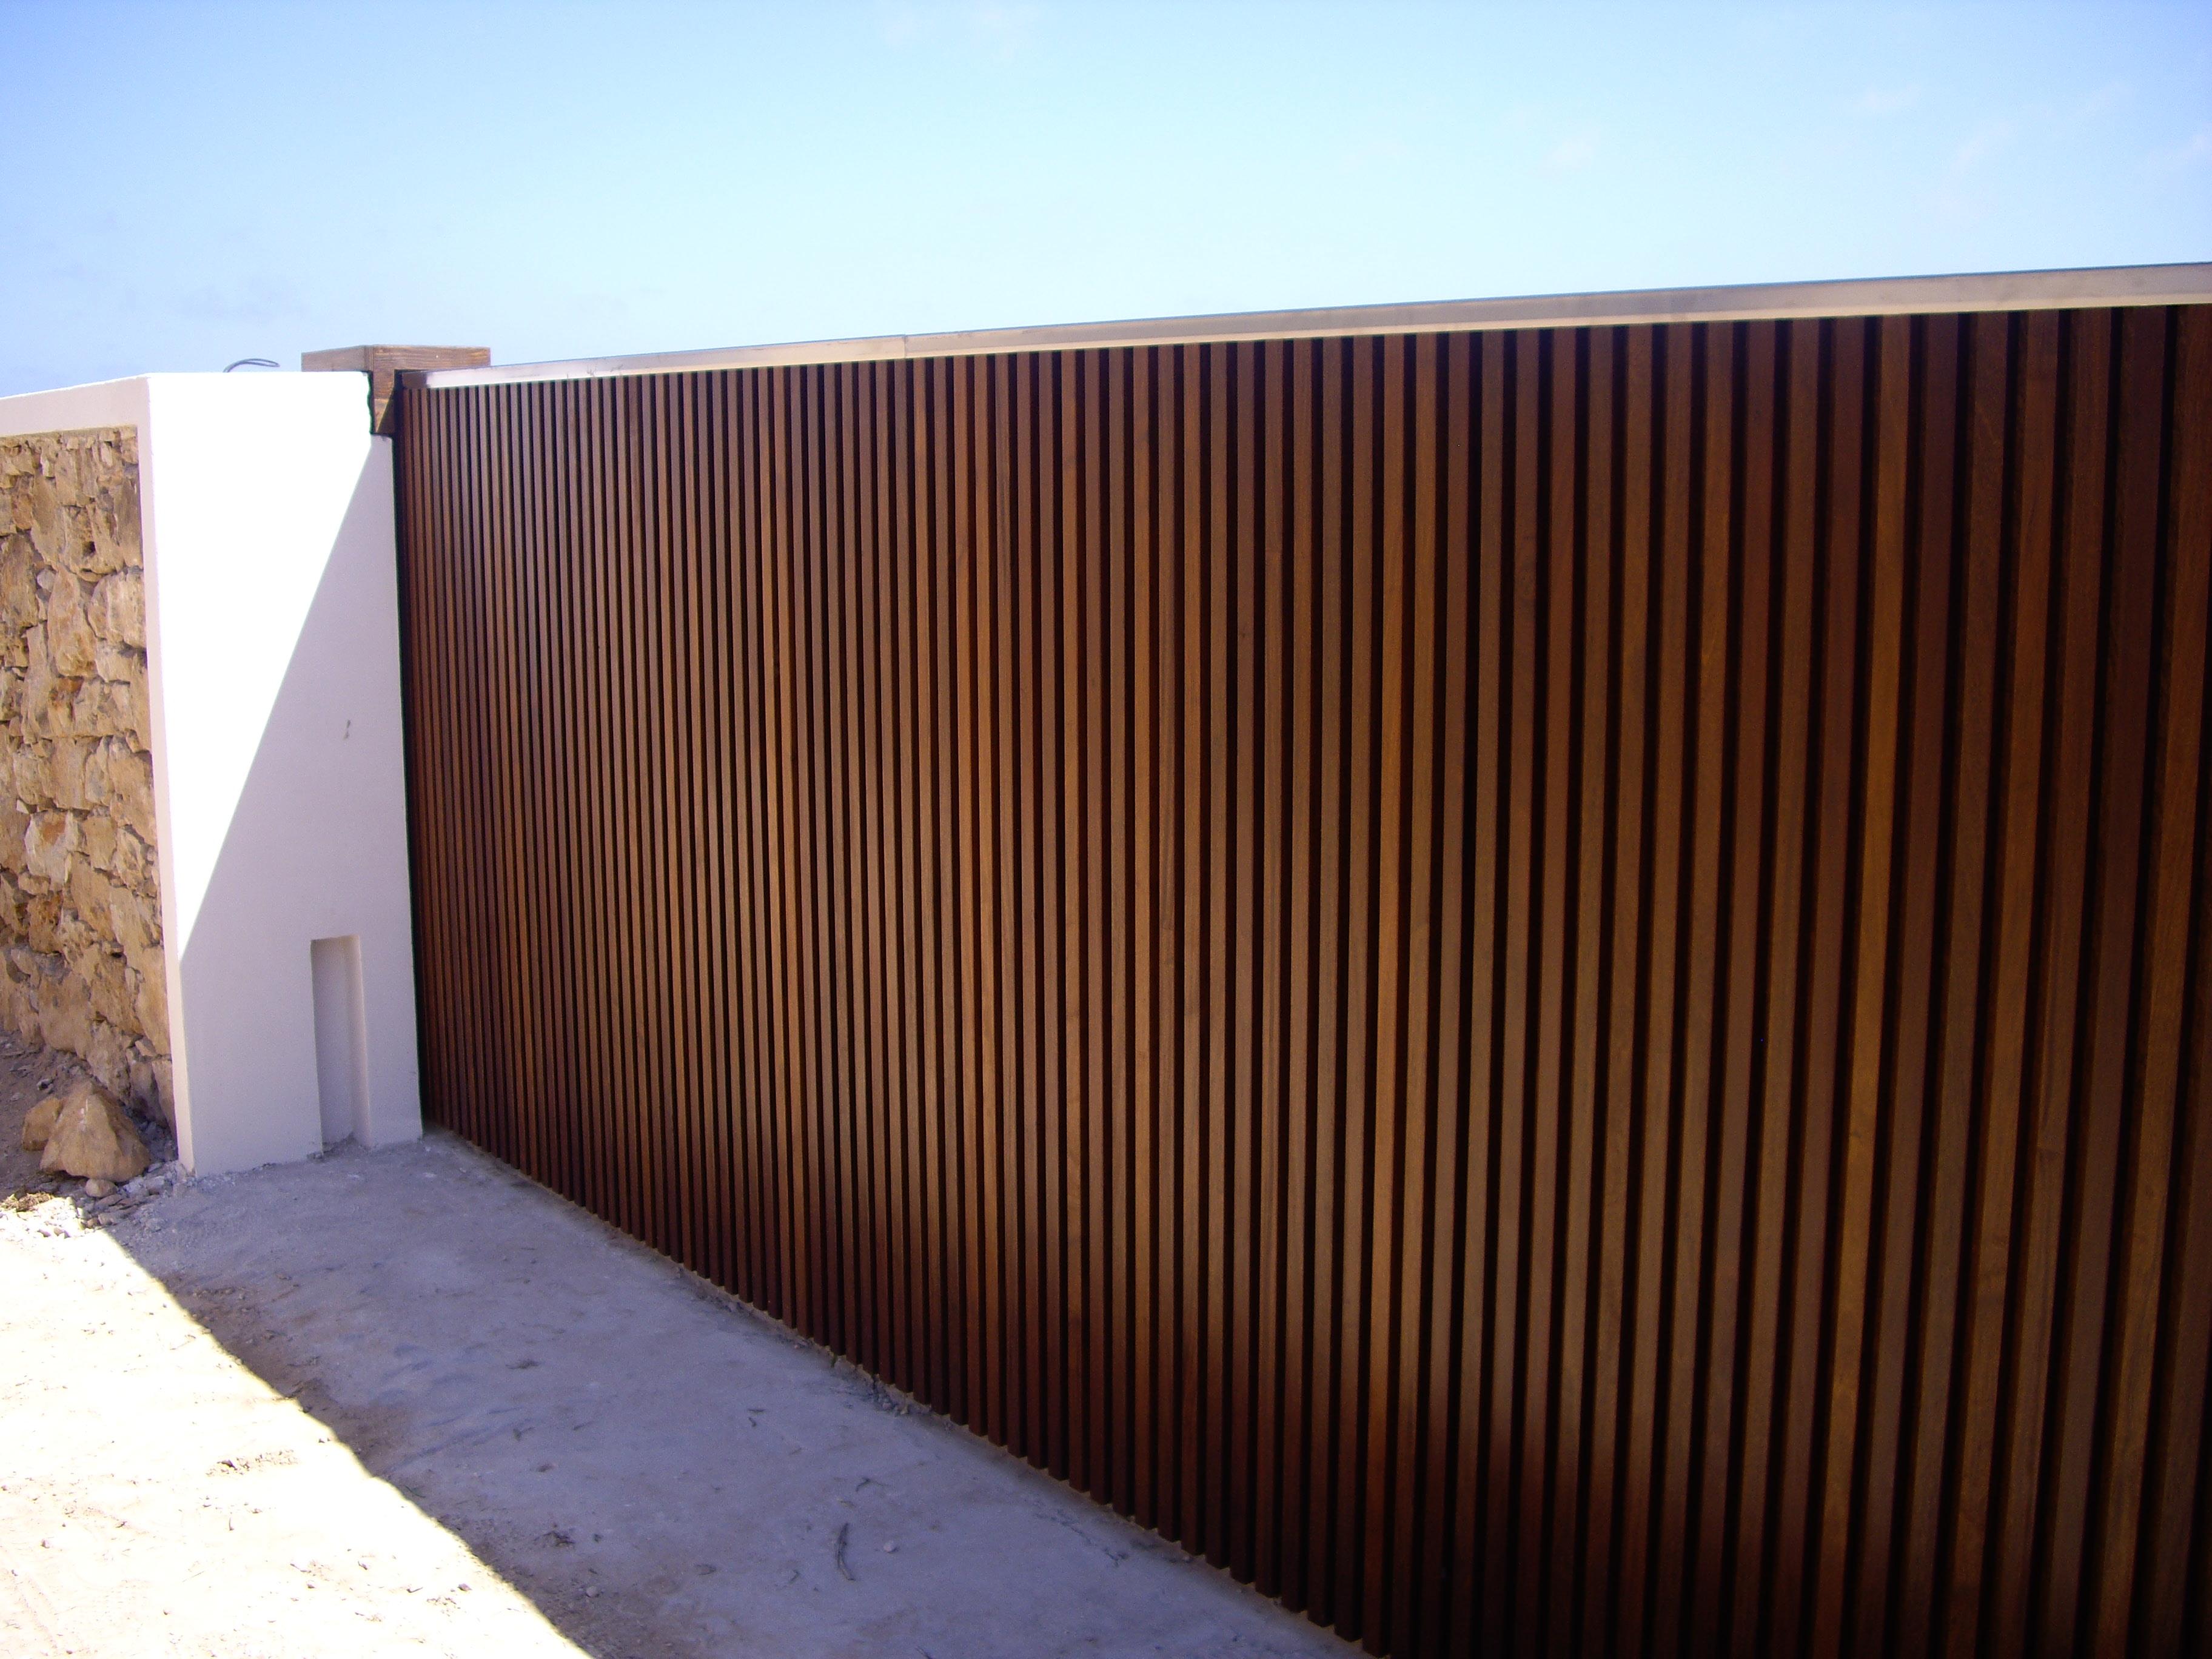 Cancello Esterno Moderno : Cancello esterno interno di casa smepool.com